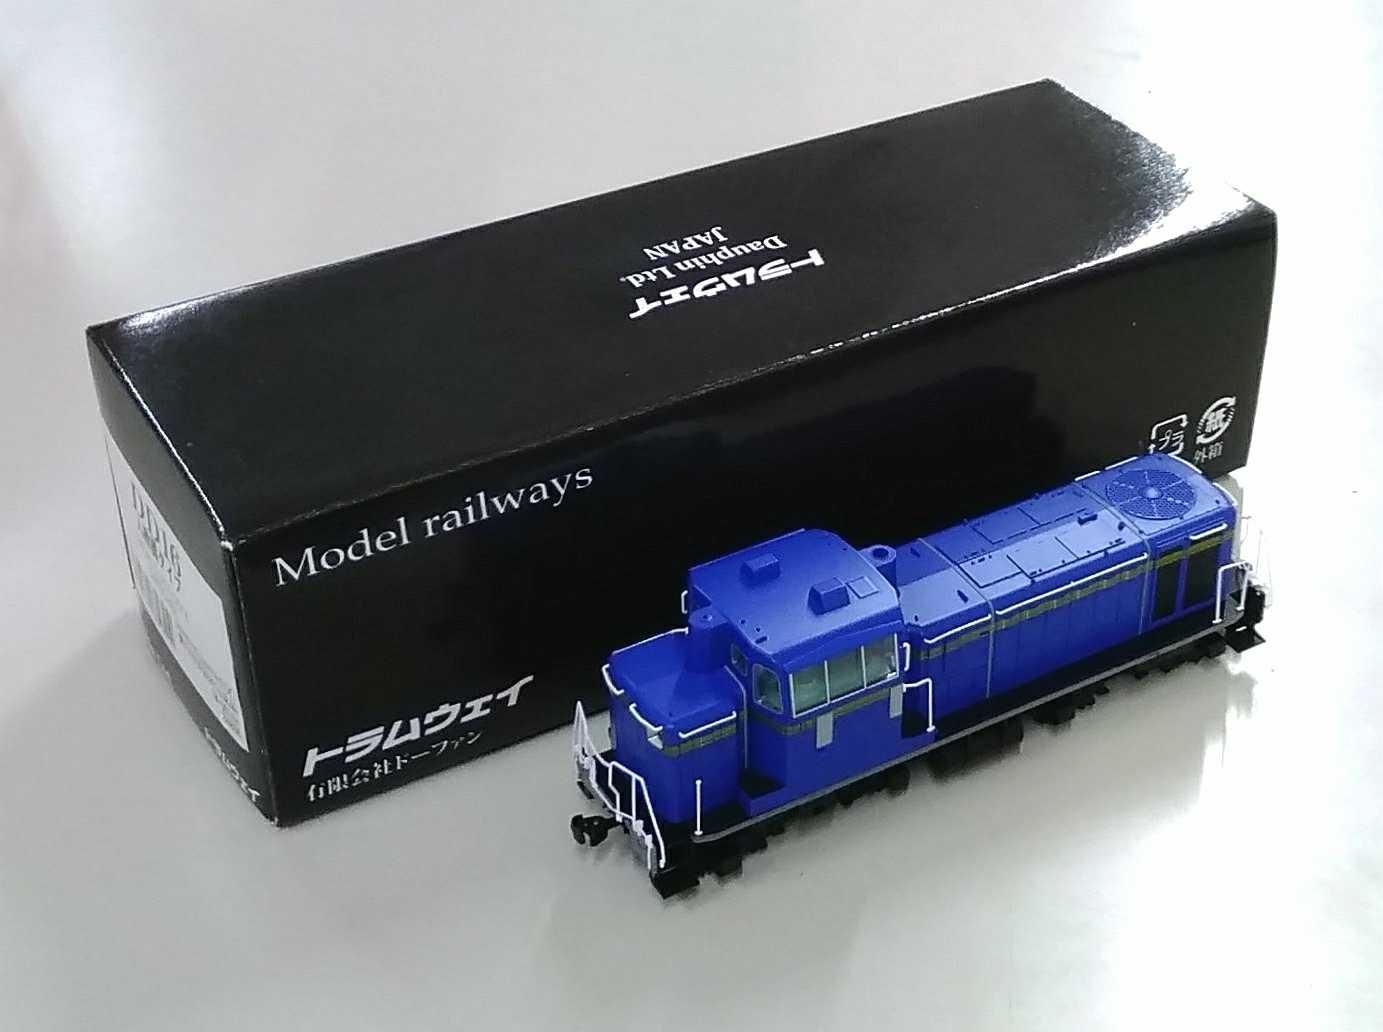 ディーゼル機関車 DD16 入換機タイプ|トラムウェイ